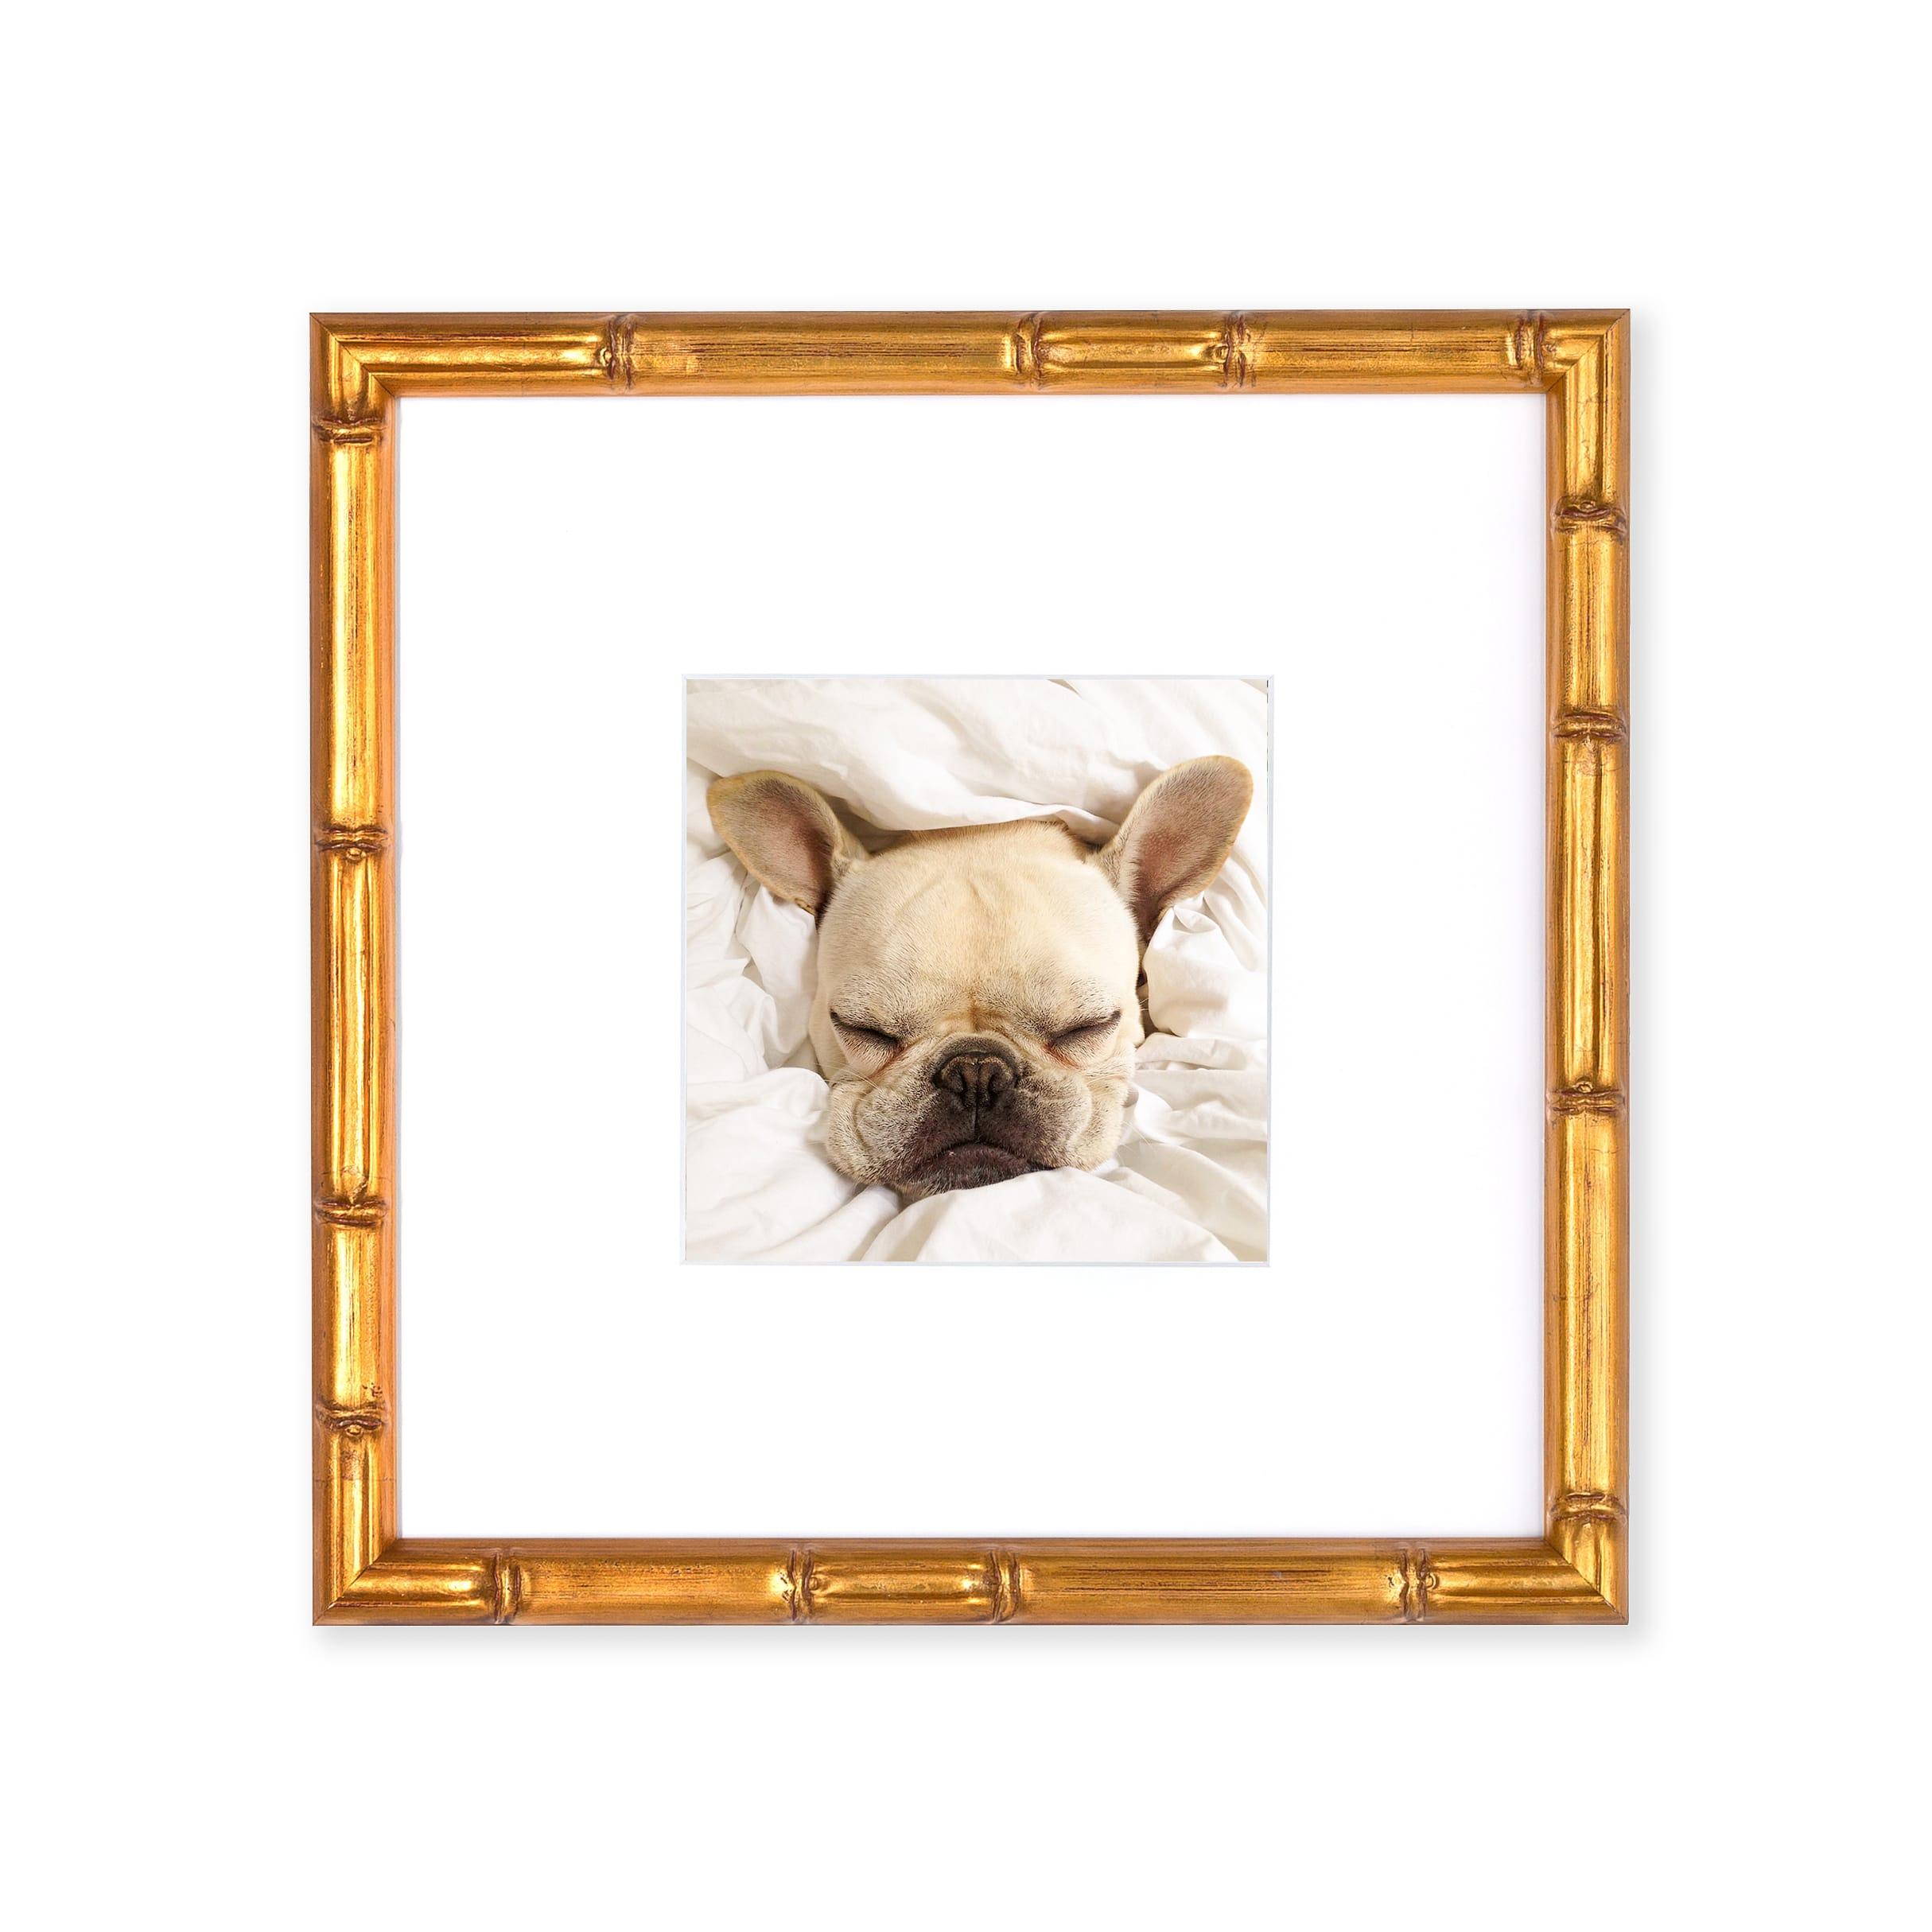 Print & Frame Instagram Photos for $39 each | Framebridge